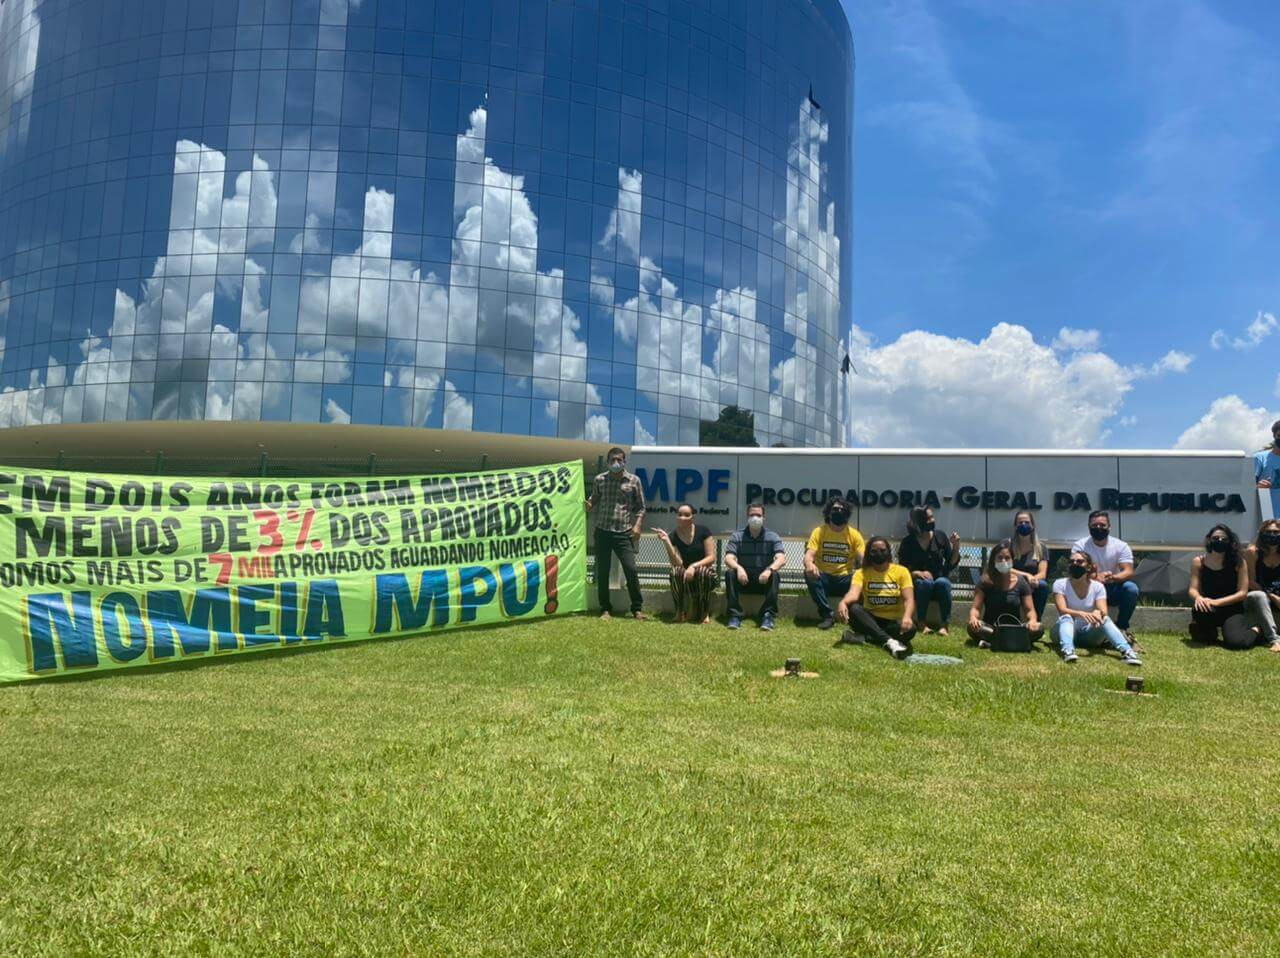 Aprovados no concurso MPU realizam protesto por nomeações (Foto: SindMPU/Adriel Gael)